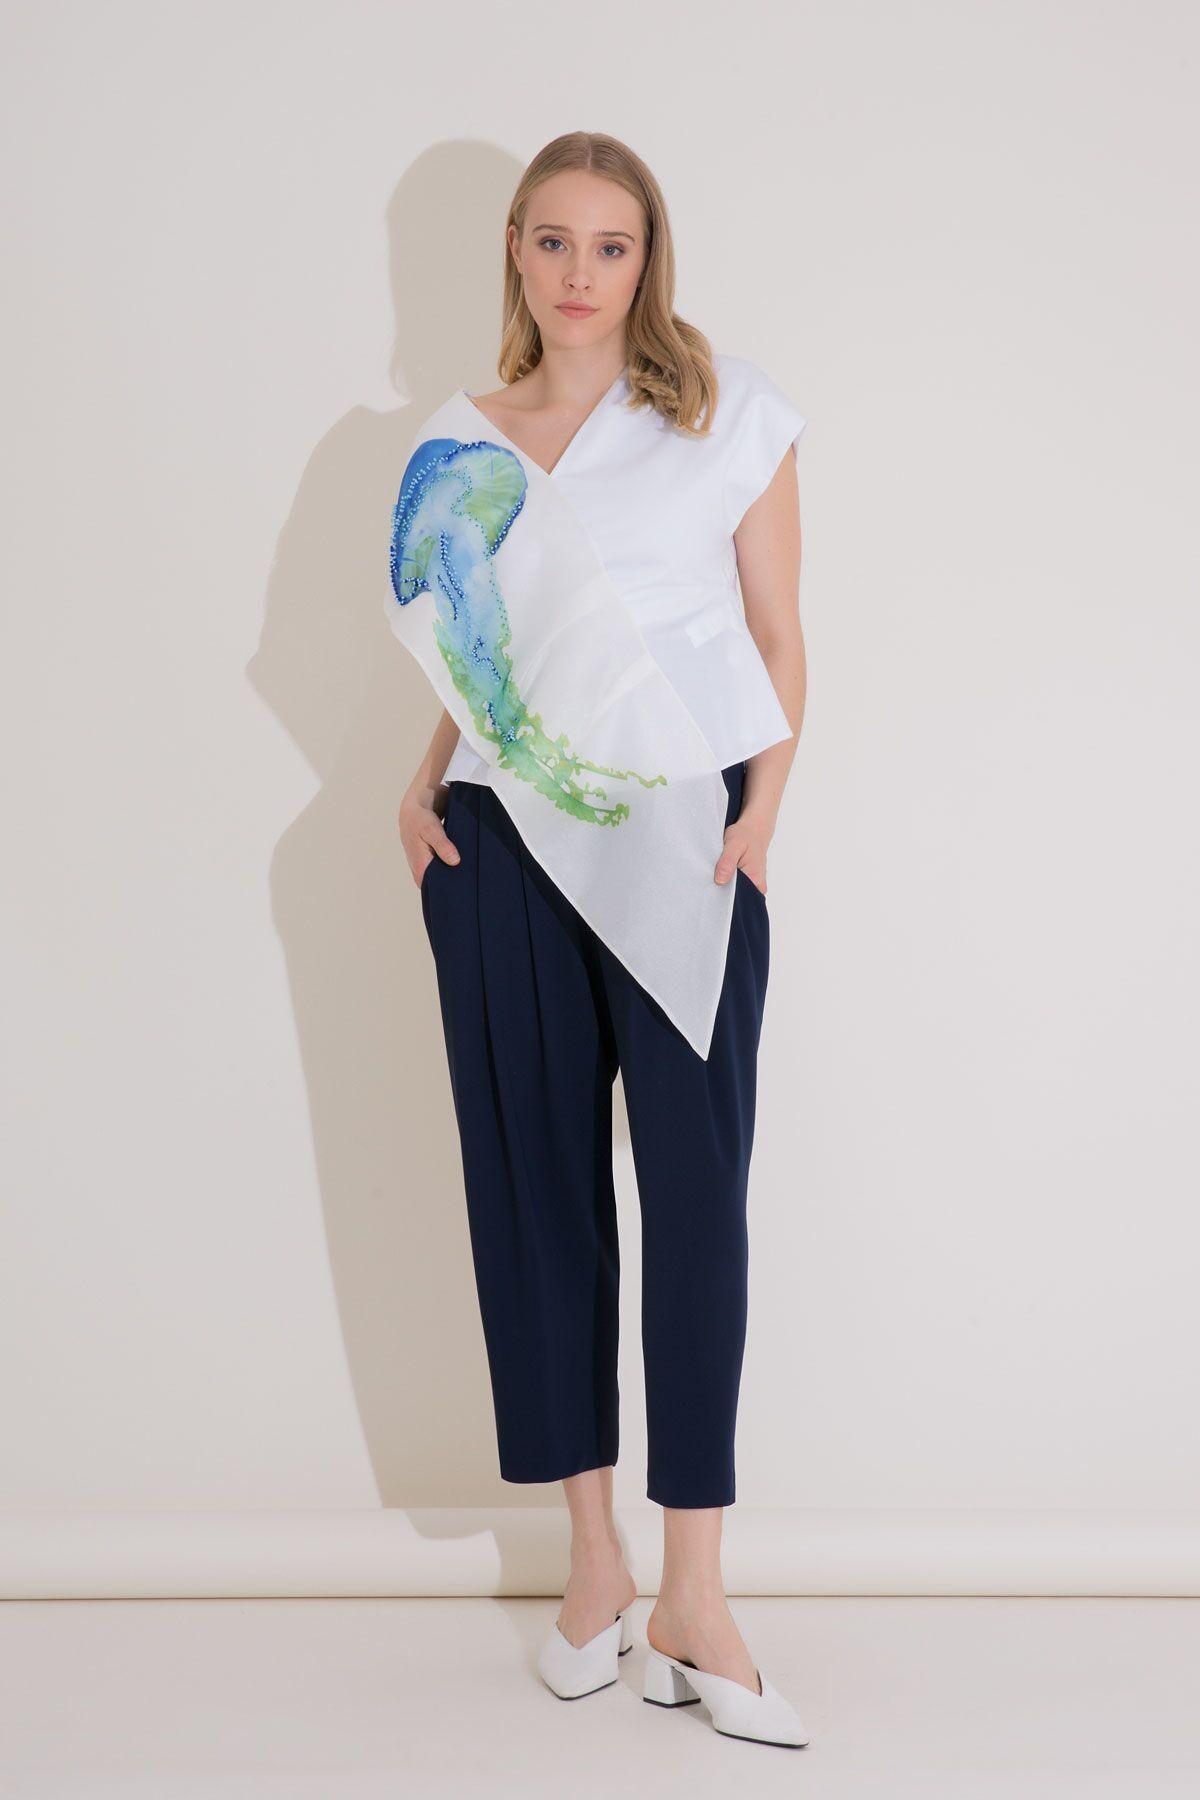 Baskı Detaylı Asimetrik Form Beyaz Poplin Bluz